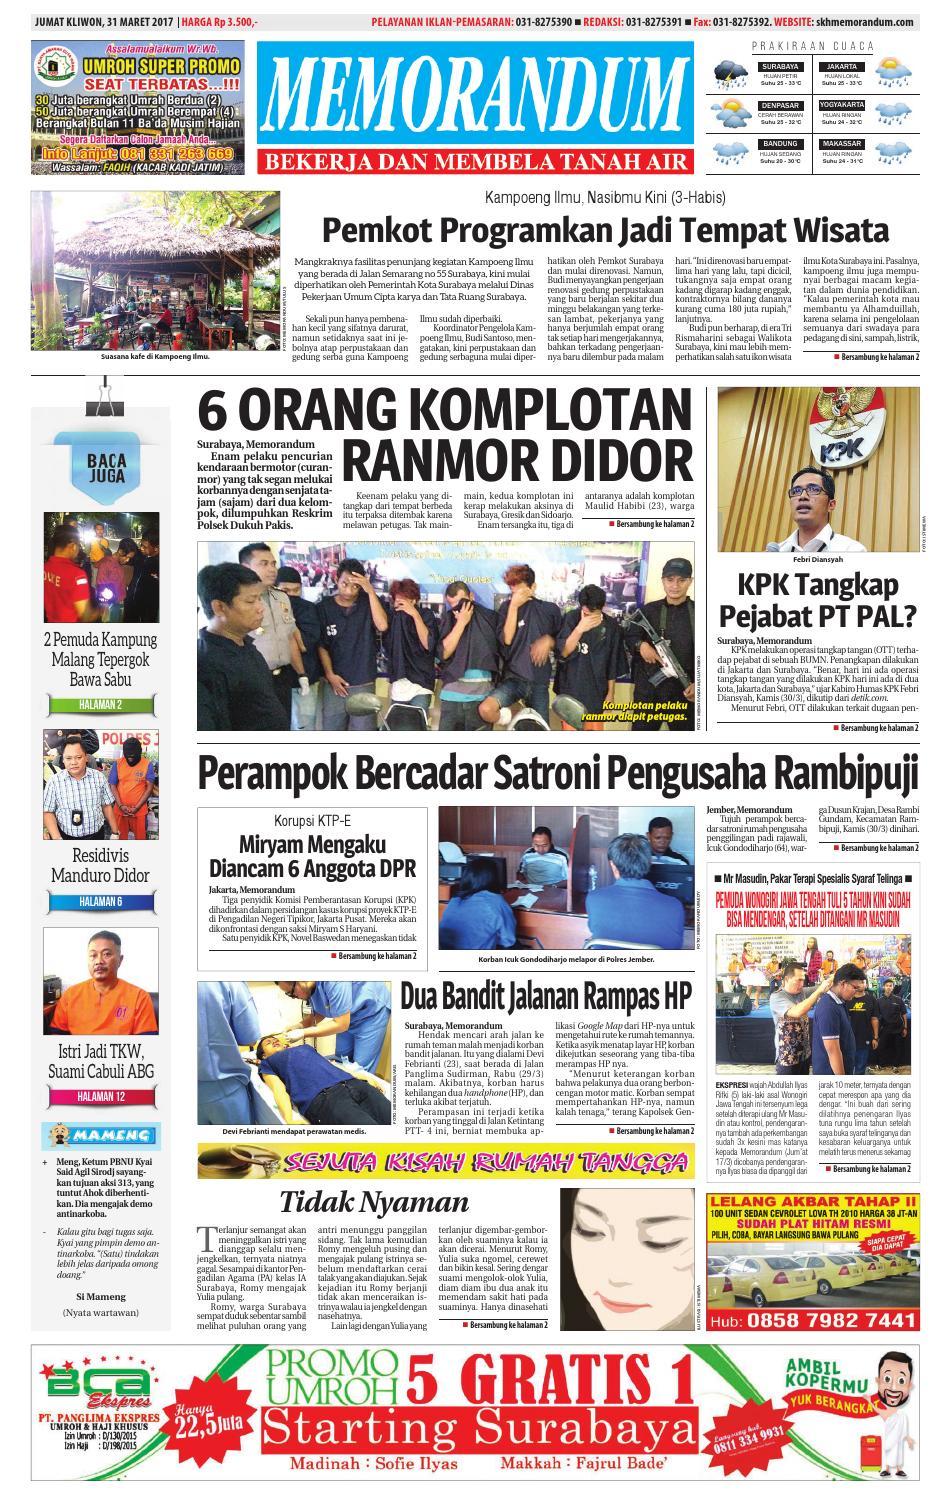 Memorandum Edisi 31 Maret 2017 By Issuu Produk Ukm Bumn Kain Batik Middle Premium 3 Bendera 01